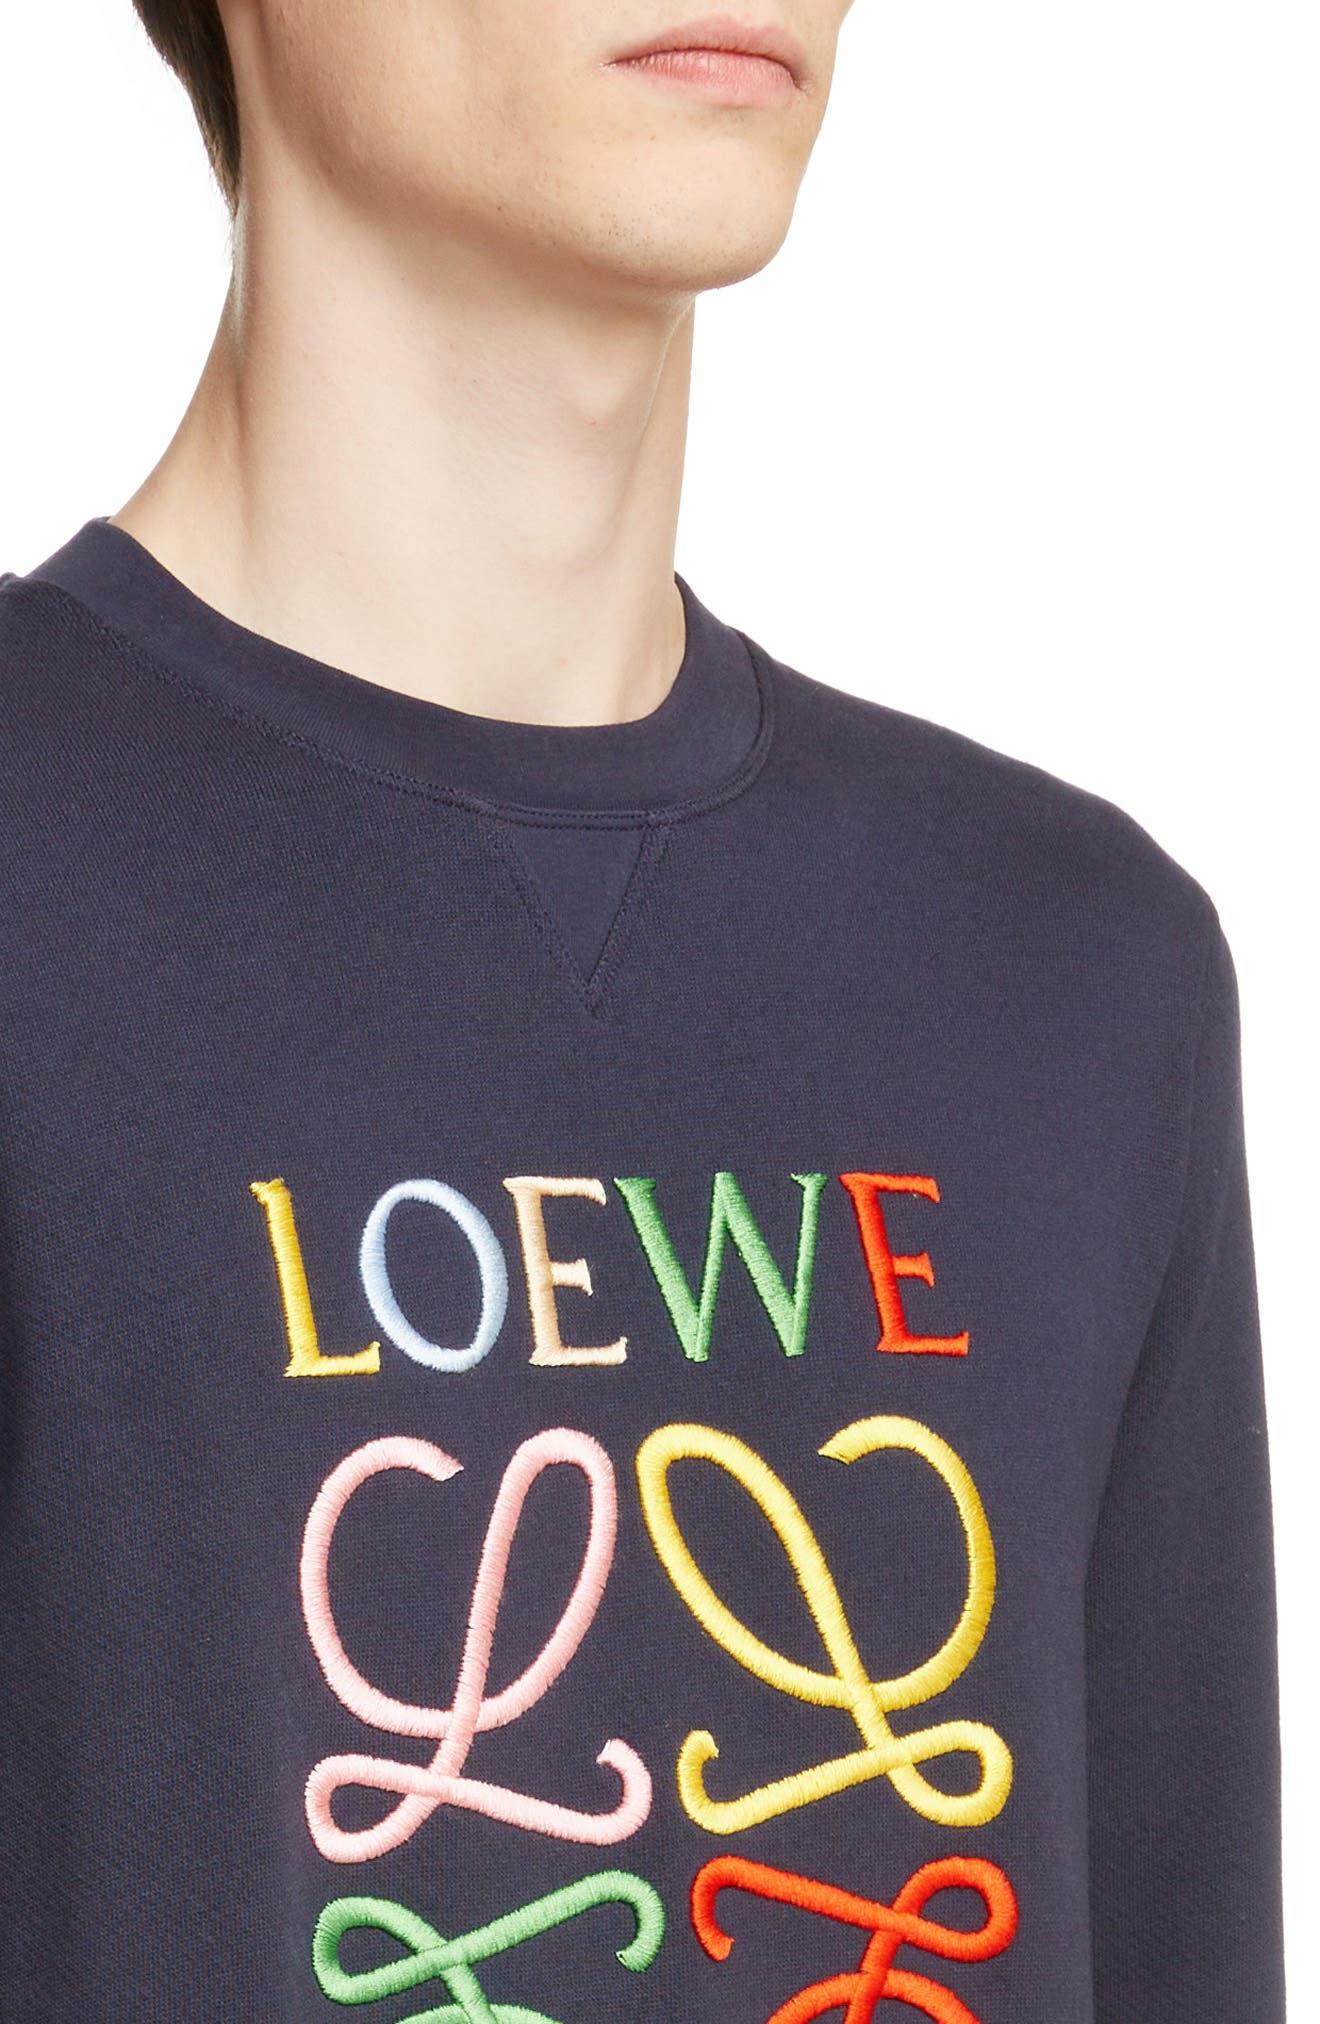 LOEWE, Anagram Sweatshirt, Alternate thumbnail 4, color, 5387-NAVY BLUE/ MULTICOLOR